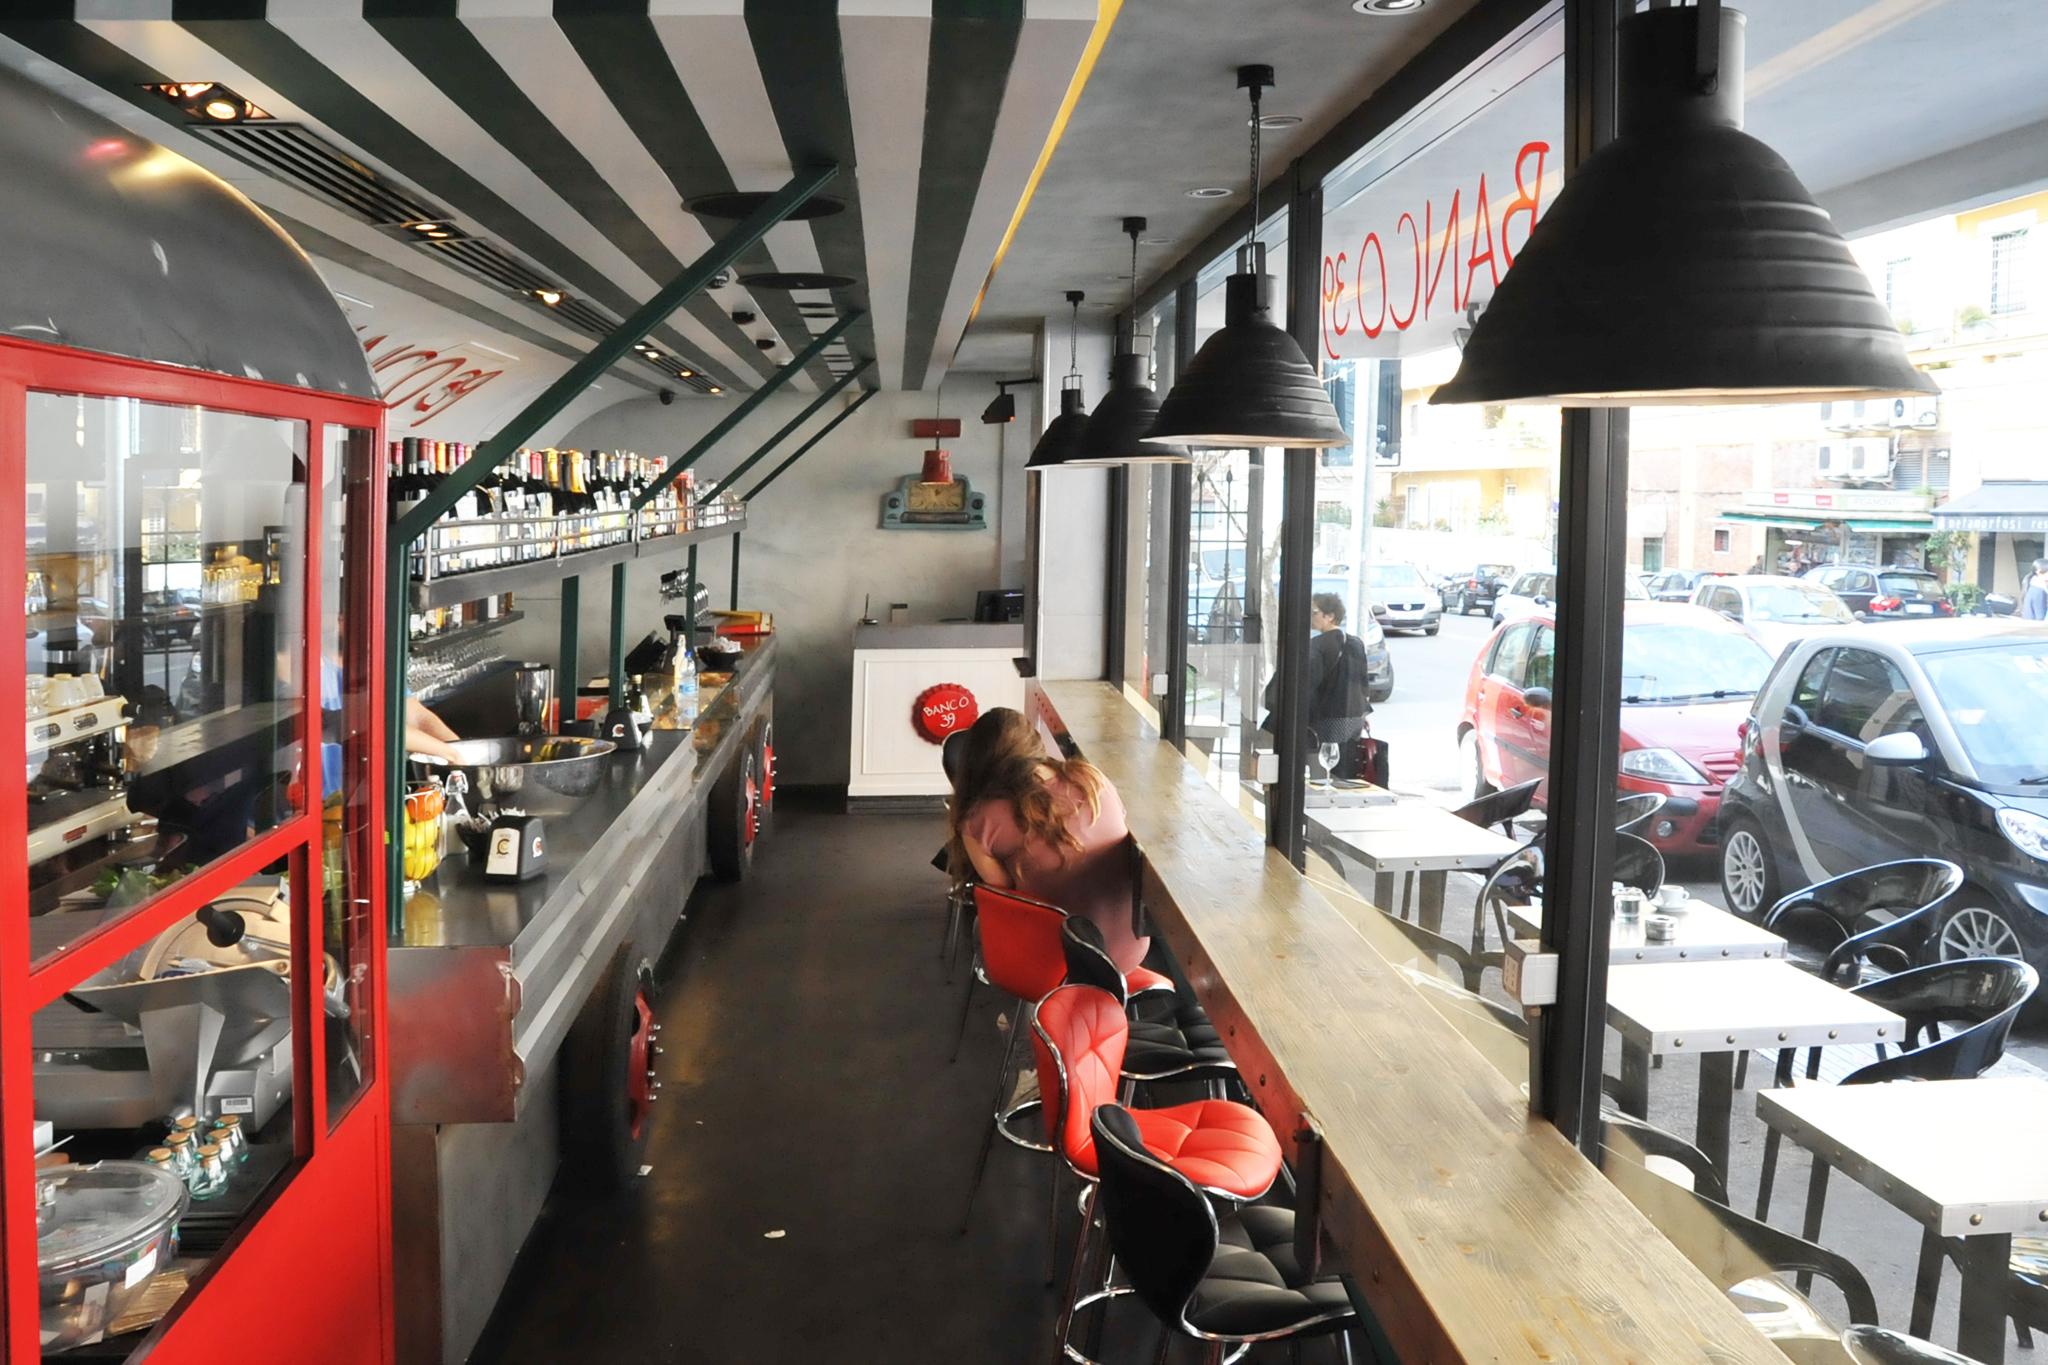 Roma apre banco 39 street food con hamburger e prosciutto for Fritti romani